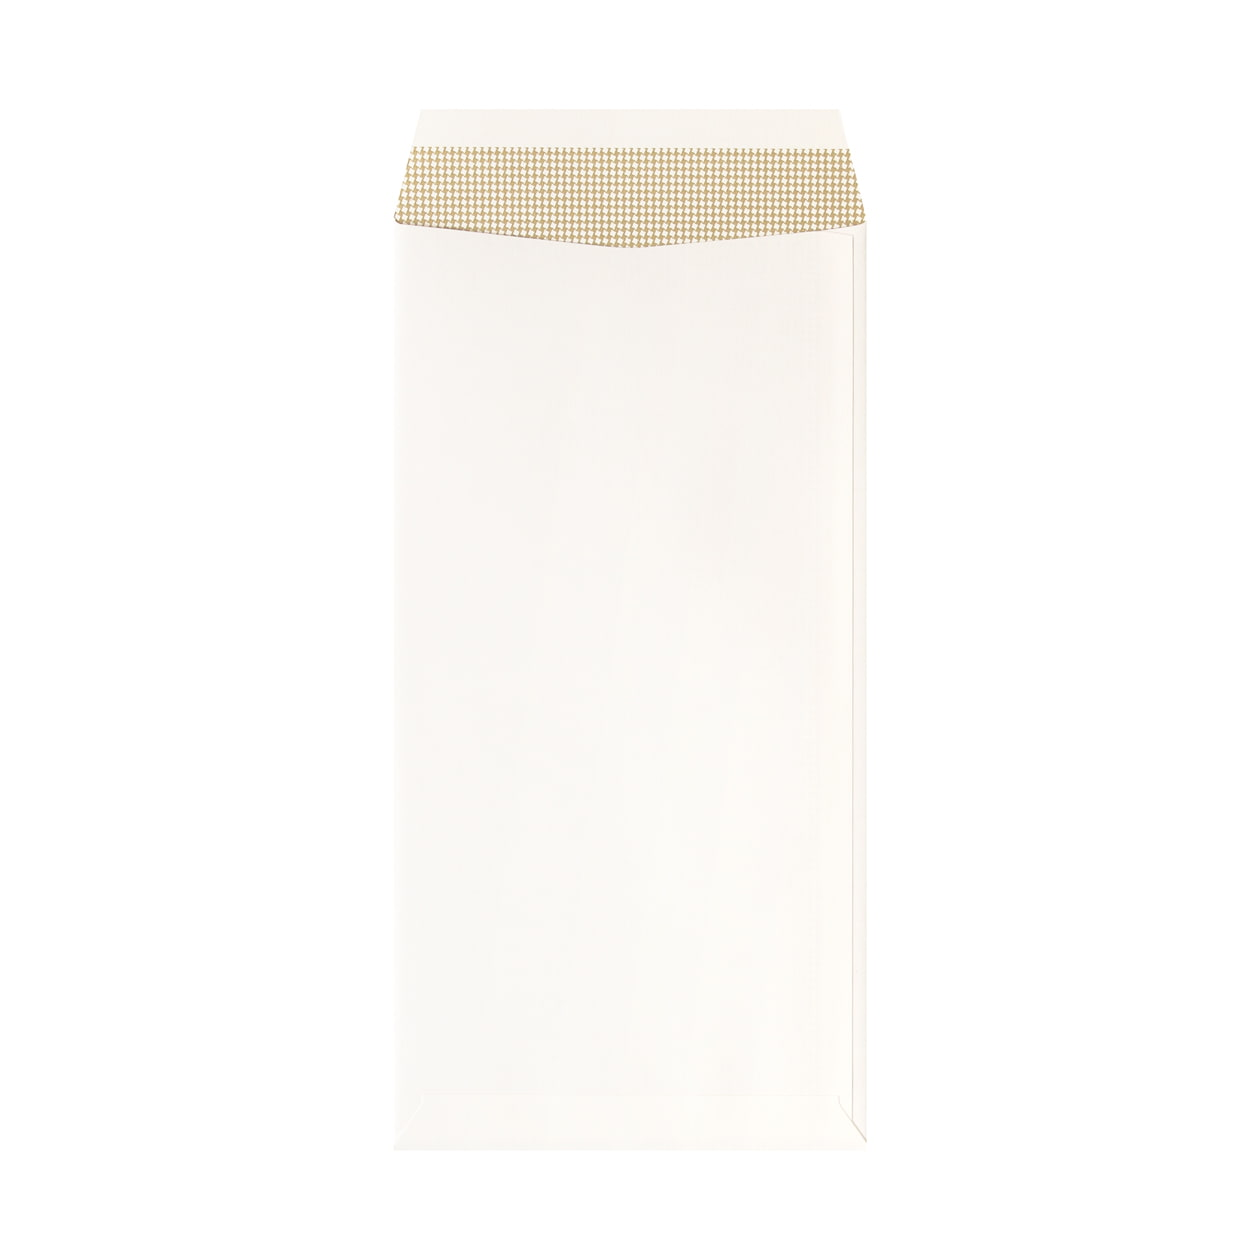 長3窓封筒 HAGURUMA Basic ソフトクリーム 100g